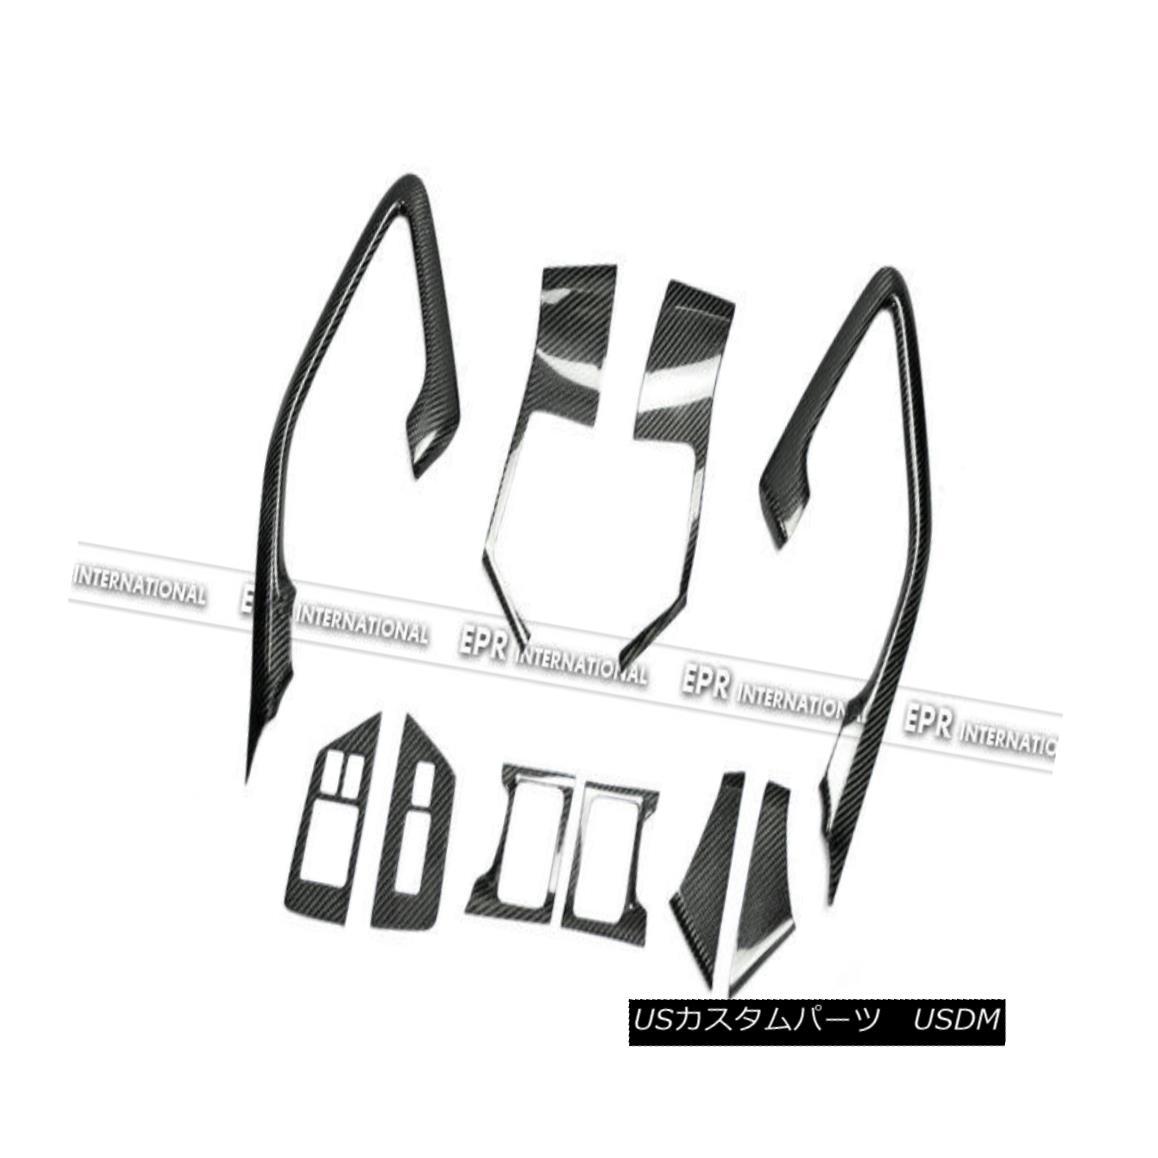 エアロパーツ AER 10Pcs Inner Door Cover Trim (RHD) Kits For Nissan 09-14 R35 GTR Carbon Fiber 日産09-14 R35 GTRカーボンファイバー用AER 10個入り内装カバートリム(RHD)キット